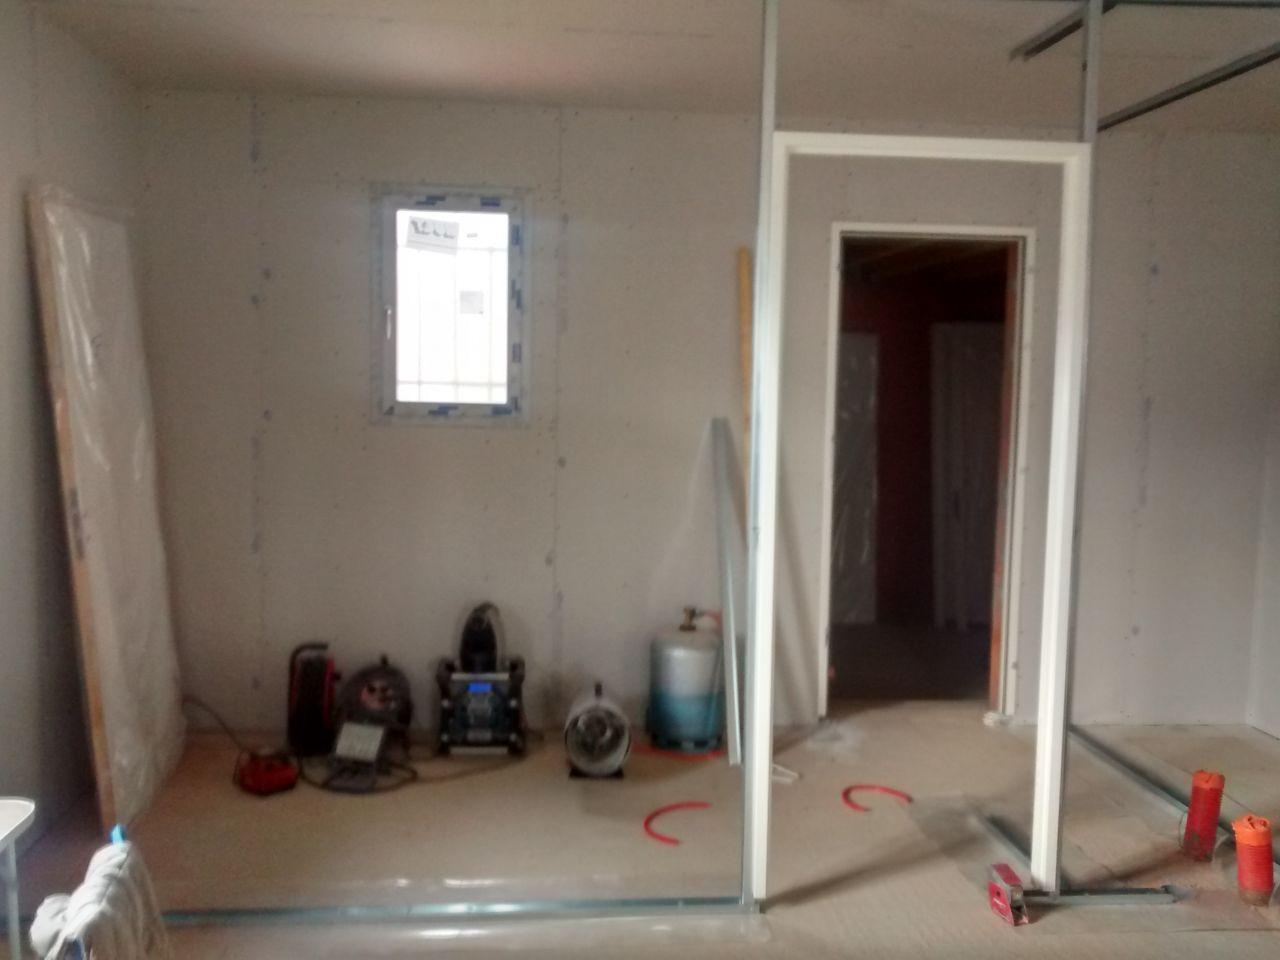 mise en place des rails. début des cloisons et pose des encadrements des portes (cellier et au fond le garage)